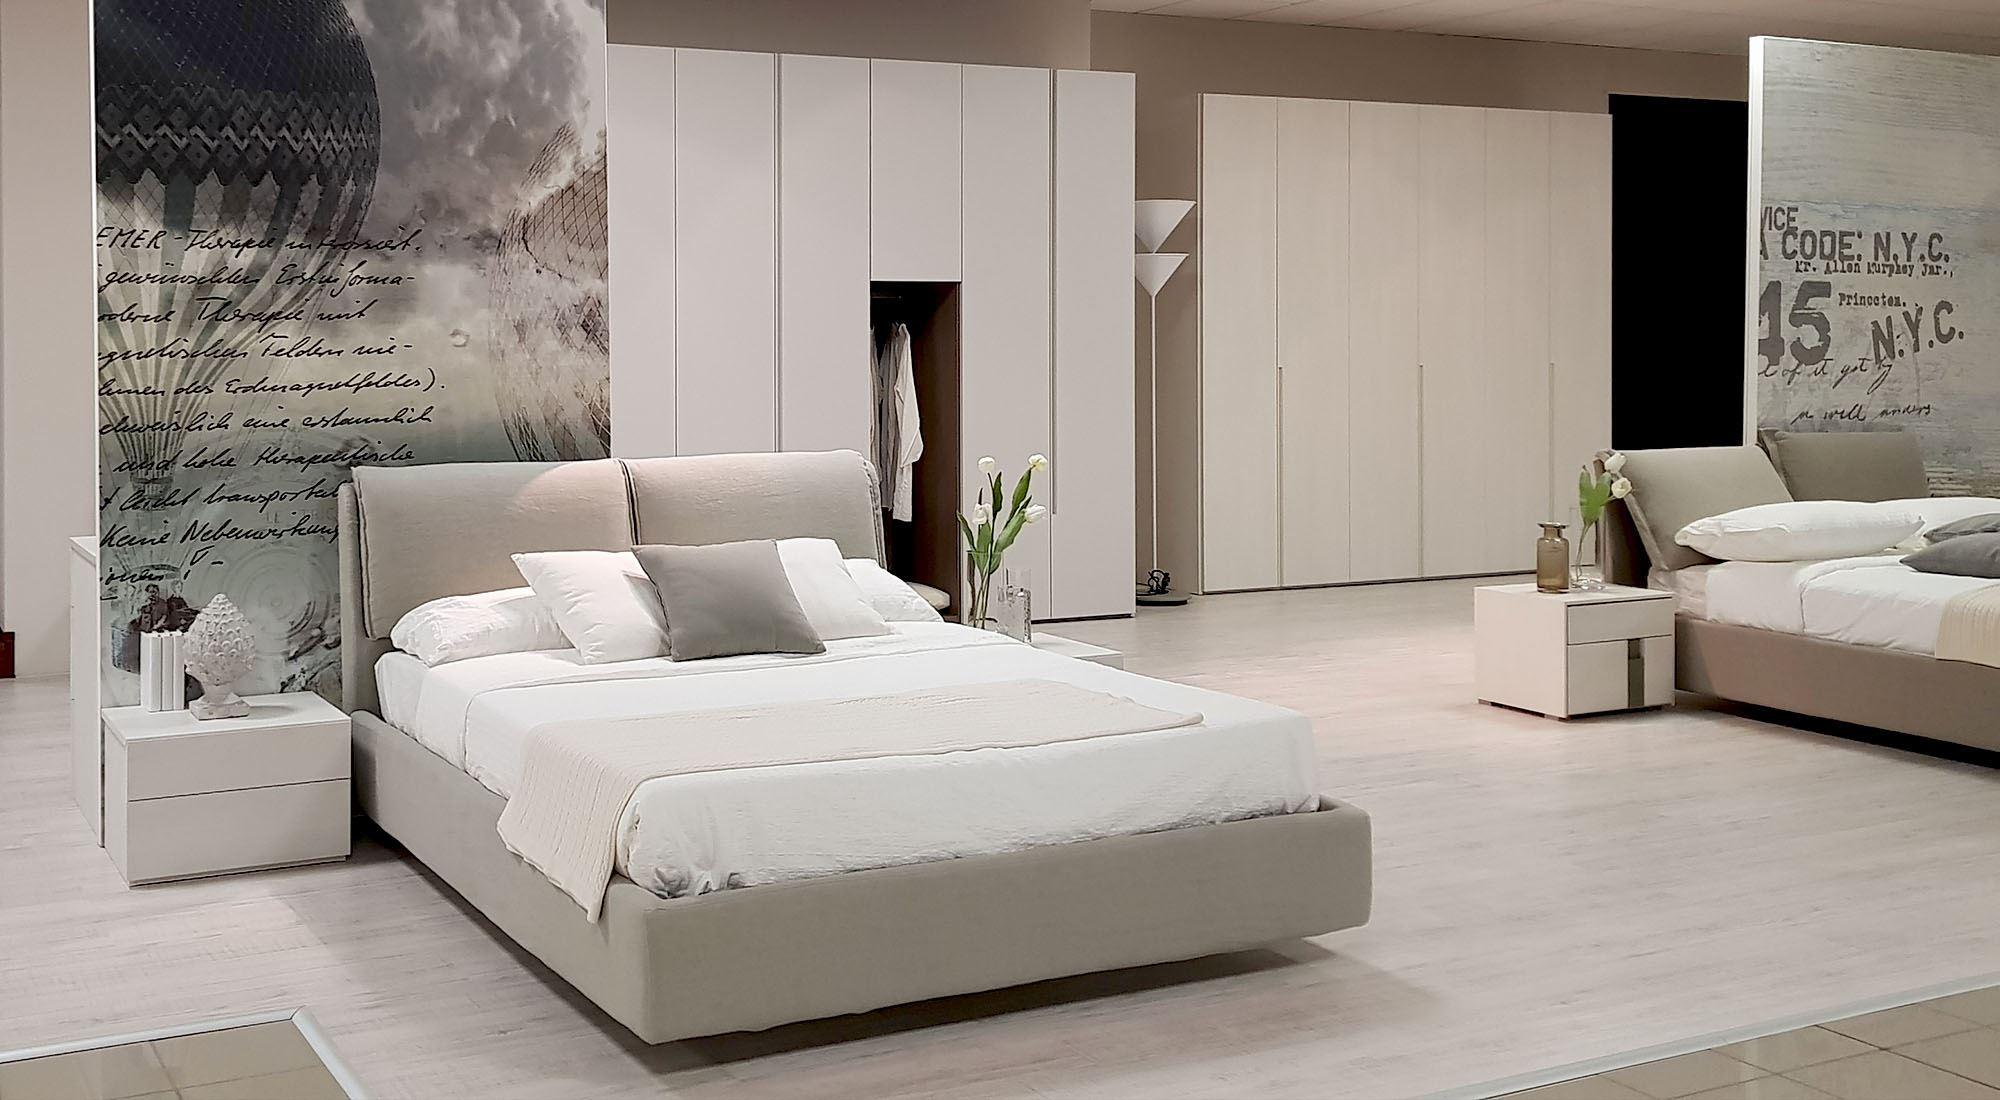 Camere Da Letto Singole Moderne.Camere Da Letto A Padova Arredamento Per Camere Moderne